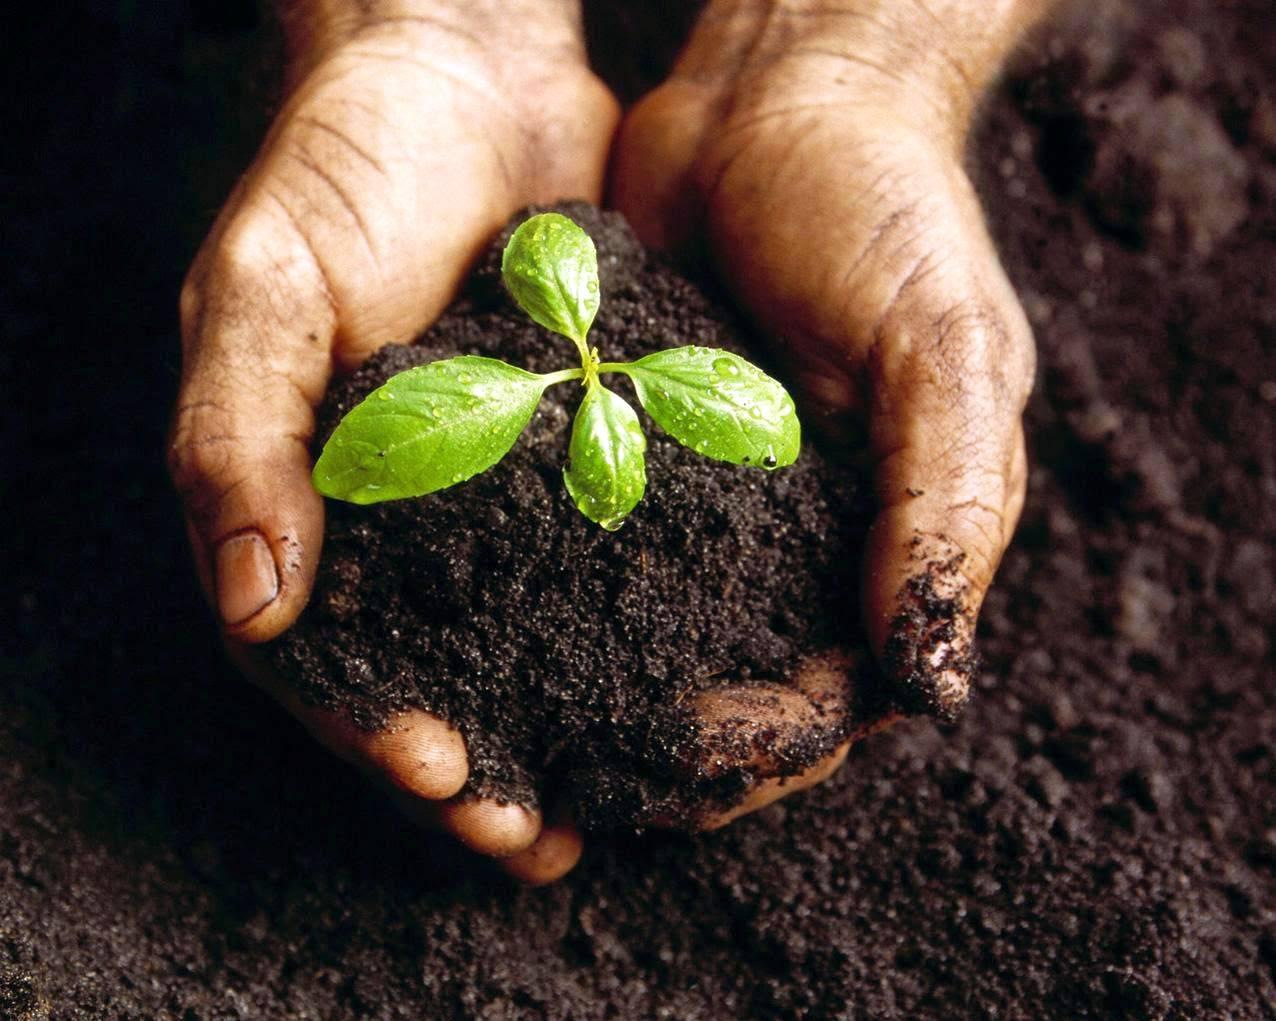 Terras improdutivas podem ser mudadas com manejo adequado